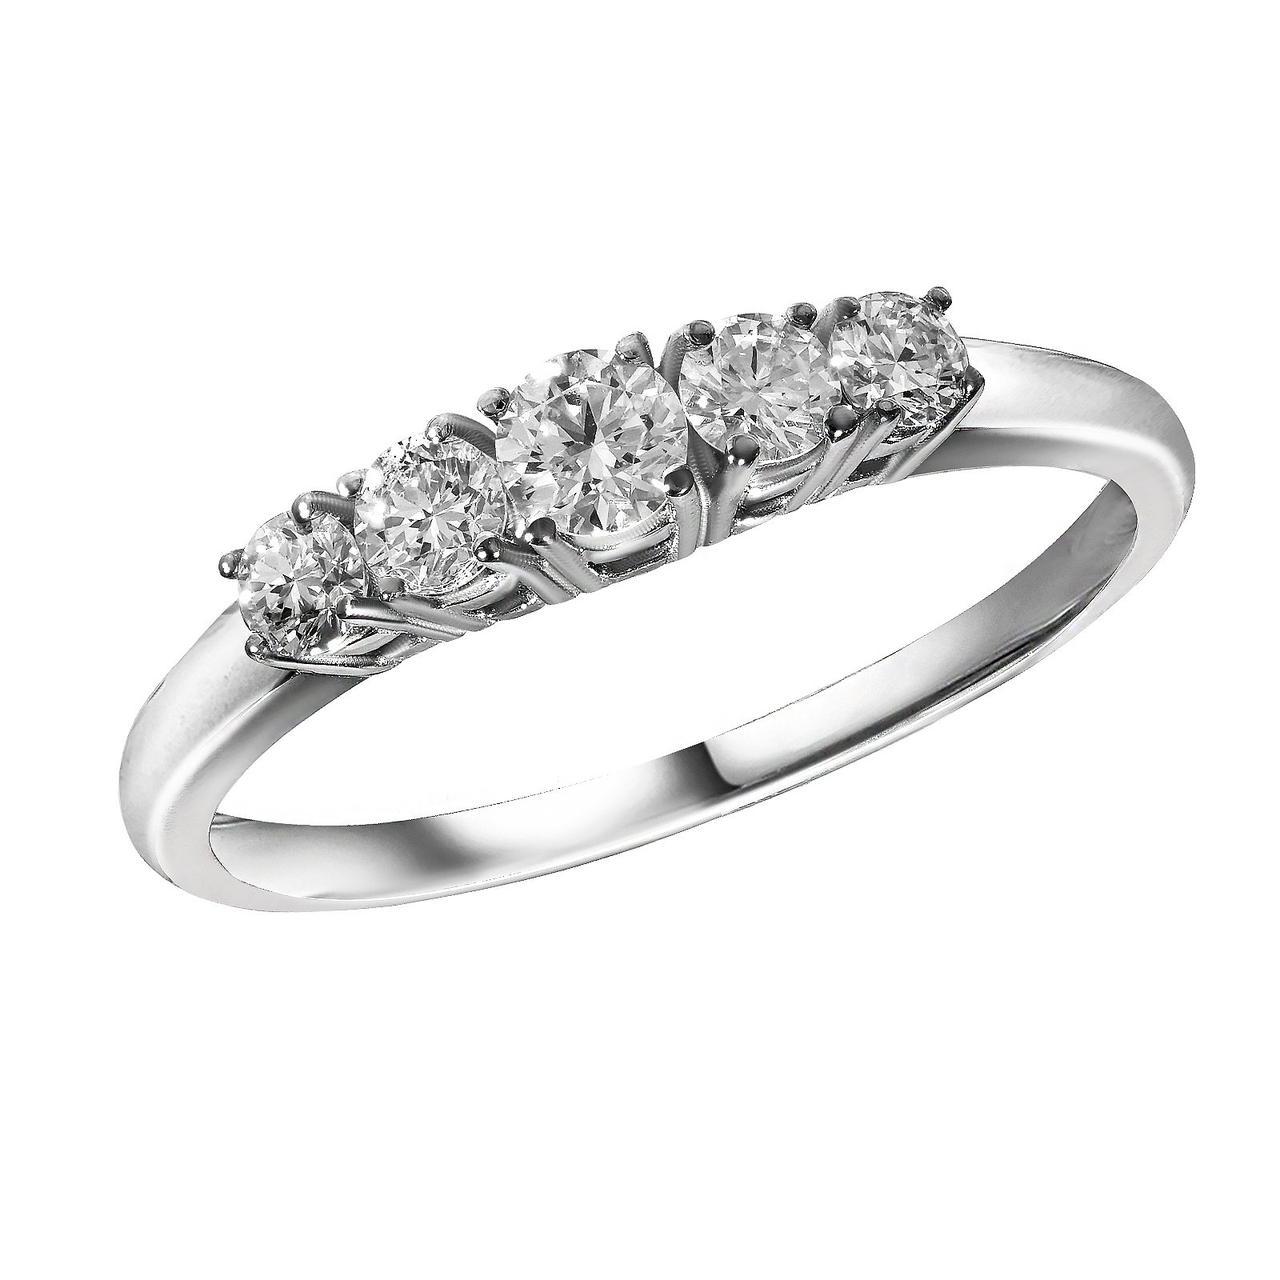 Золотое кольцо с бриллиантами, размер 16.5 (1694194)